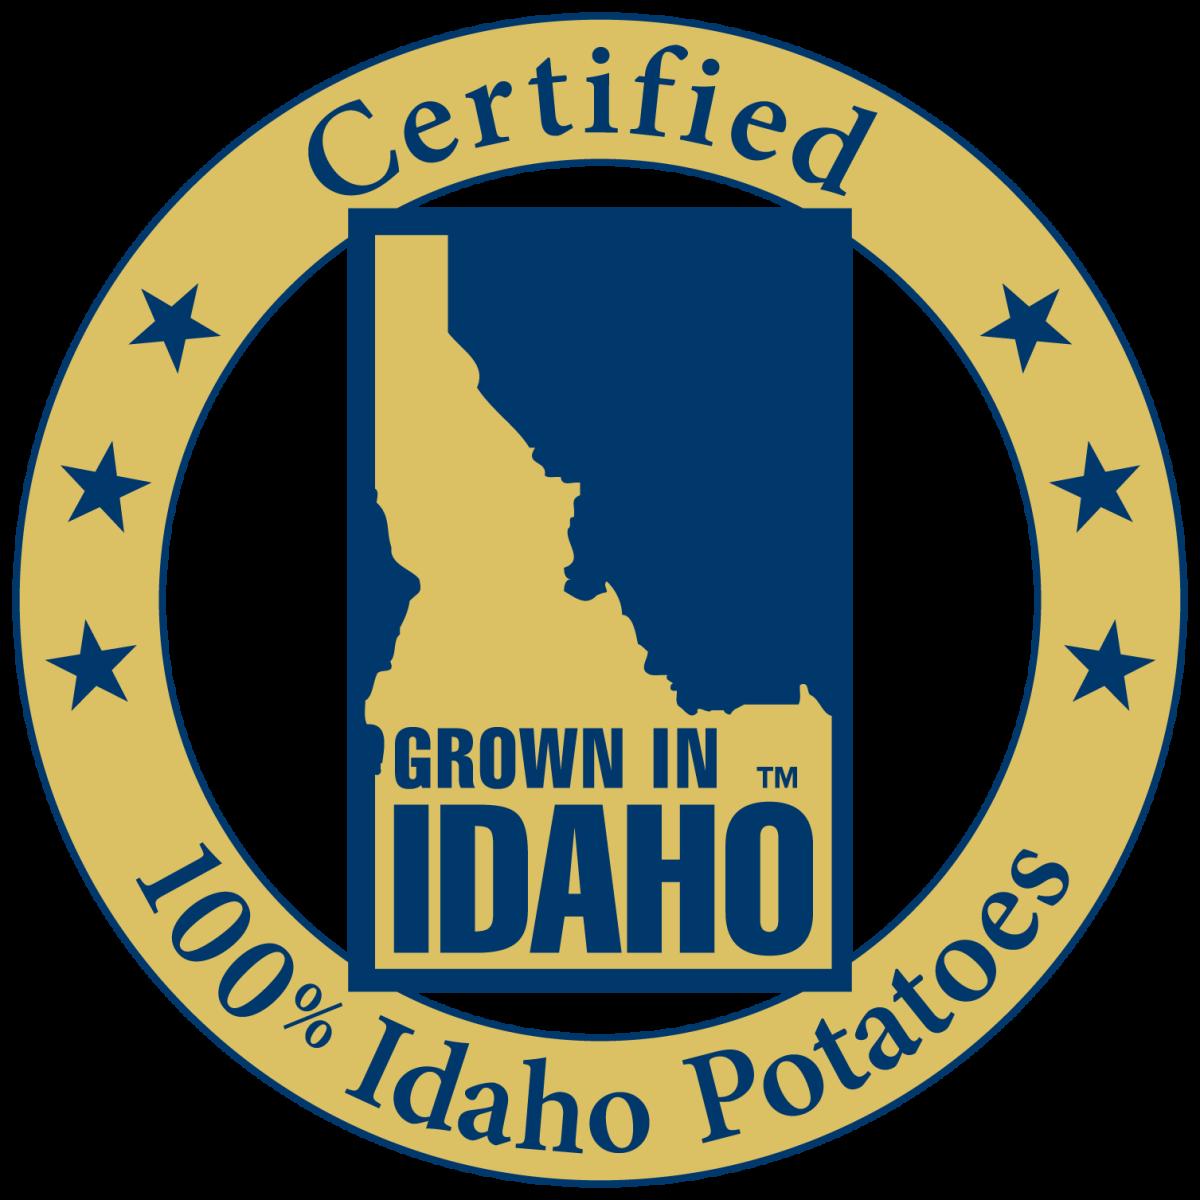 Idaho Potato Board